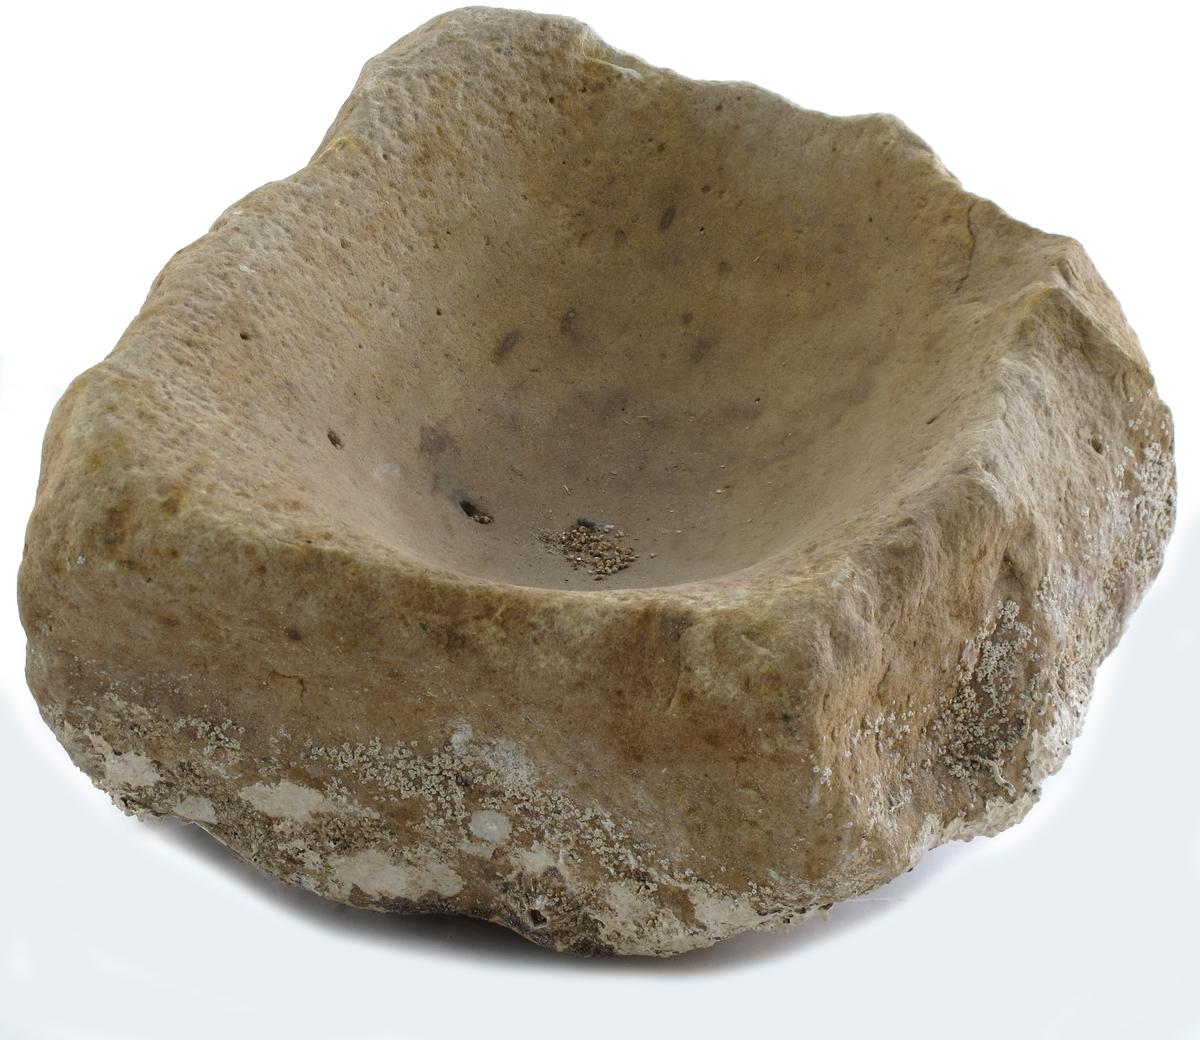 Morter for knusing av mais o. lign. Uthogd steinblokk, fire sider. På tre sider tilnærmet rette, den fjerde  (den ene langside) mer uregelmessig og med  konkav innskjæring i det ene hjørne. Oval blankslitt fordypning innv. Noe skjell eller ruer på den delen som ikke lå nede i bunnen. Sto trolig på dekket av slaveskipet.